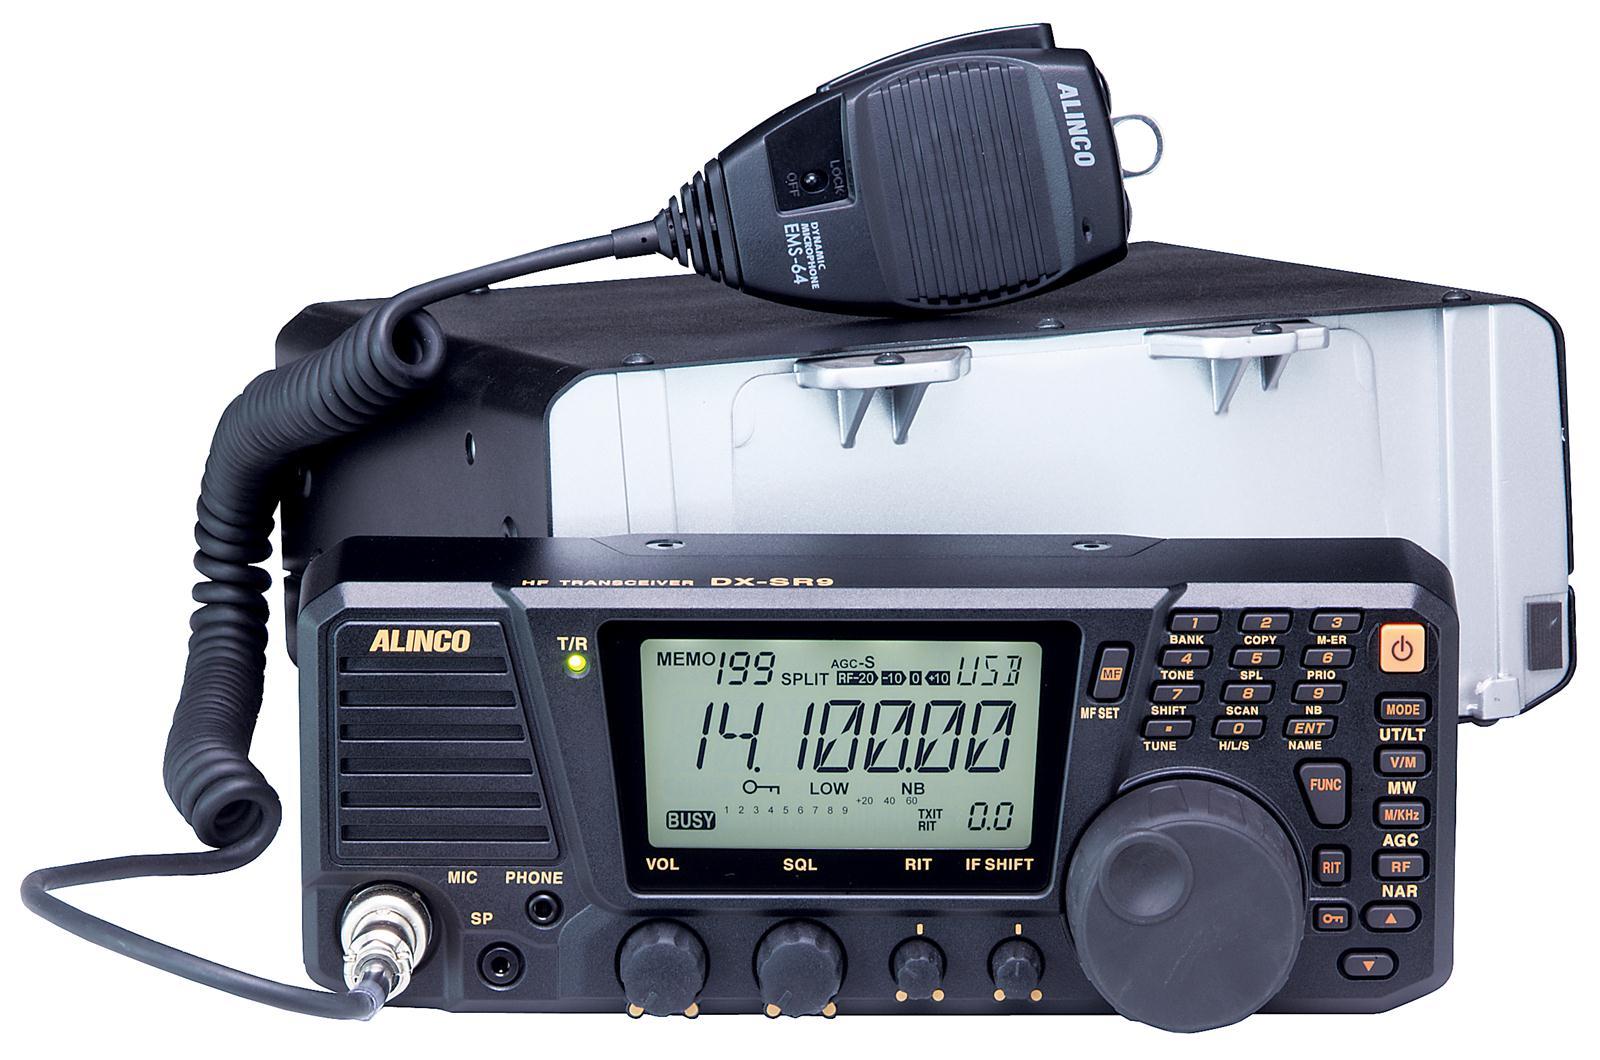 Alinco DX-SR9T SDR HF Base Transceivers DX-SR9T